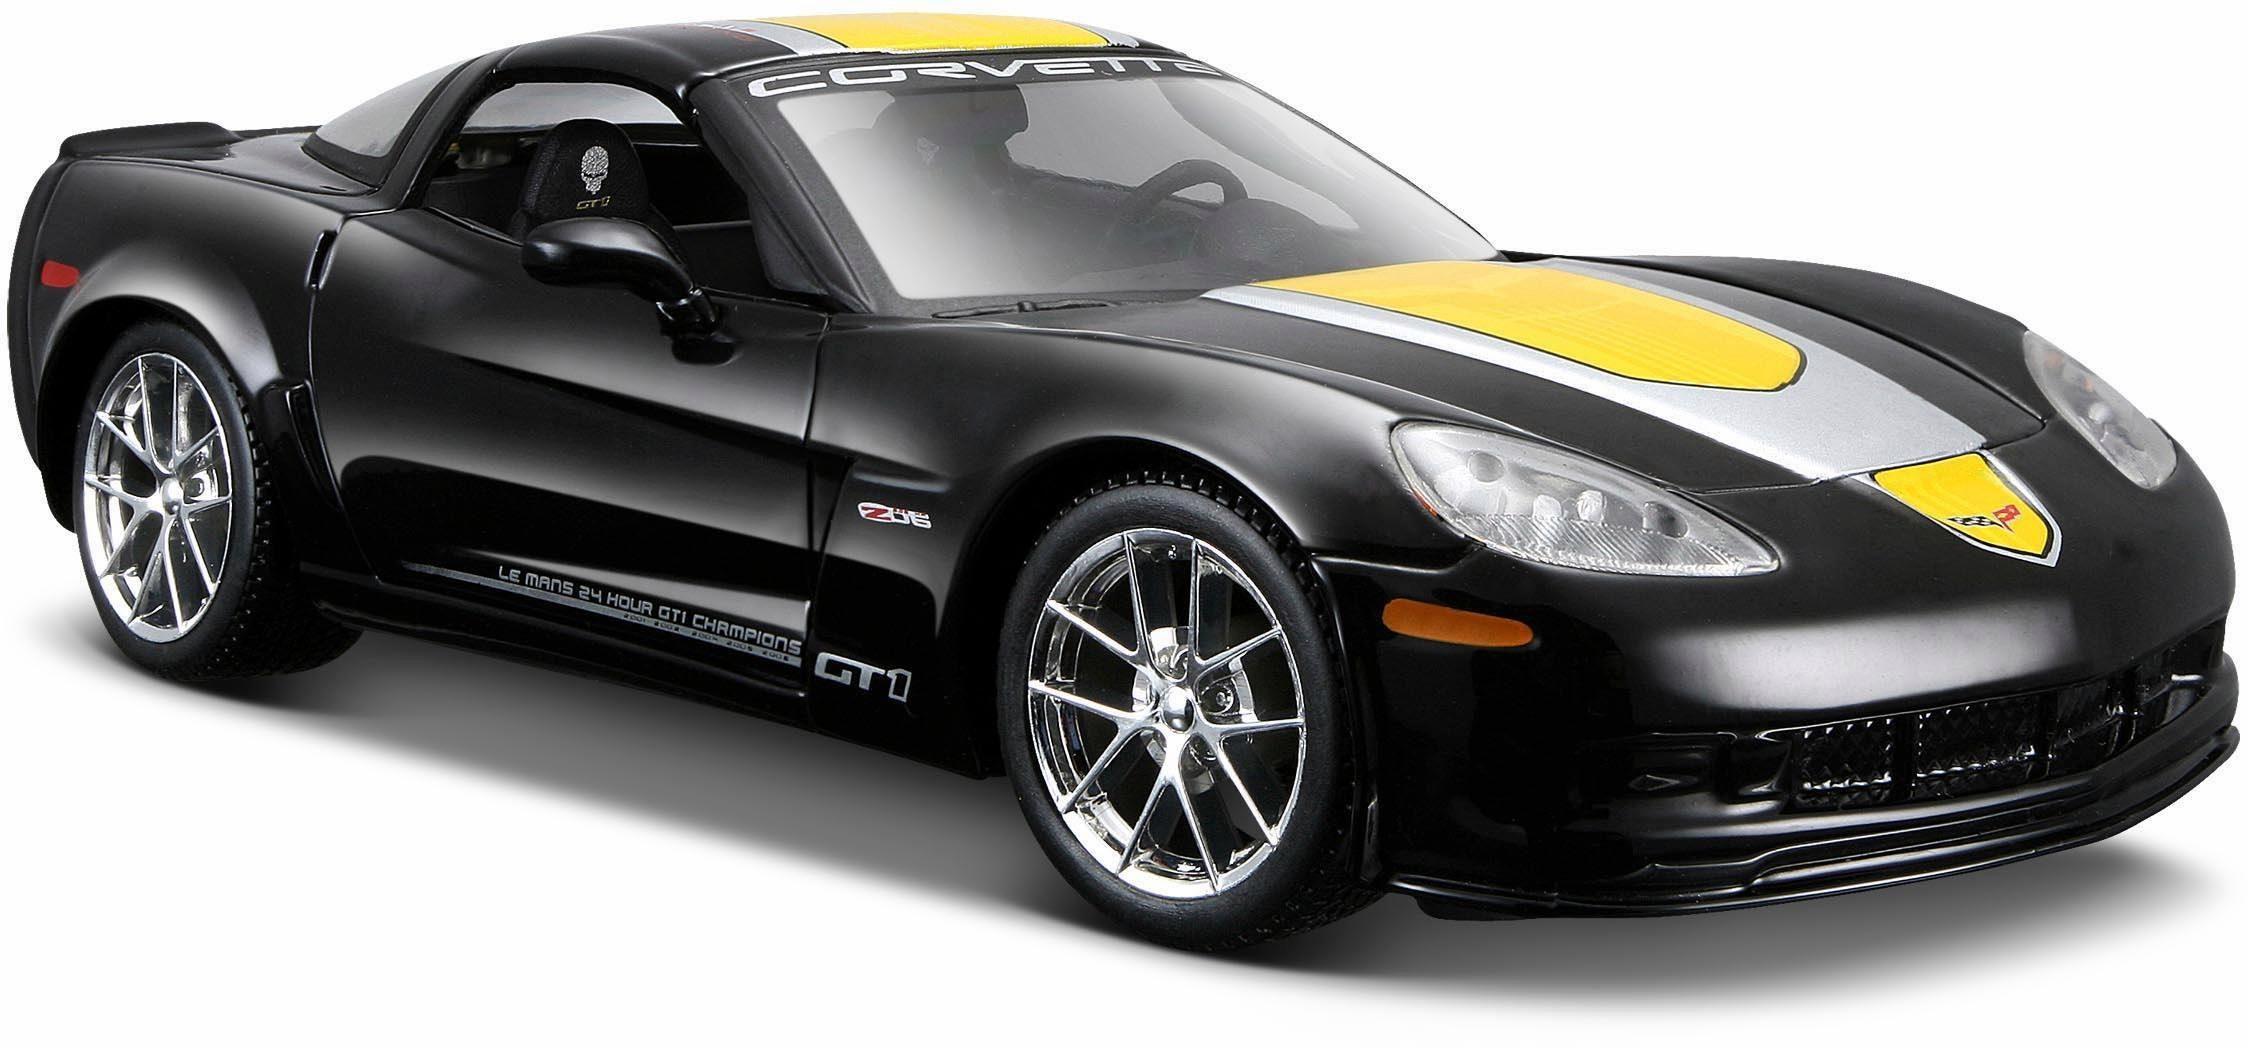 Maisto® Sammlerauto, »Chevrolet Corvette Z06 GT1 09, 1:24, schwarz«